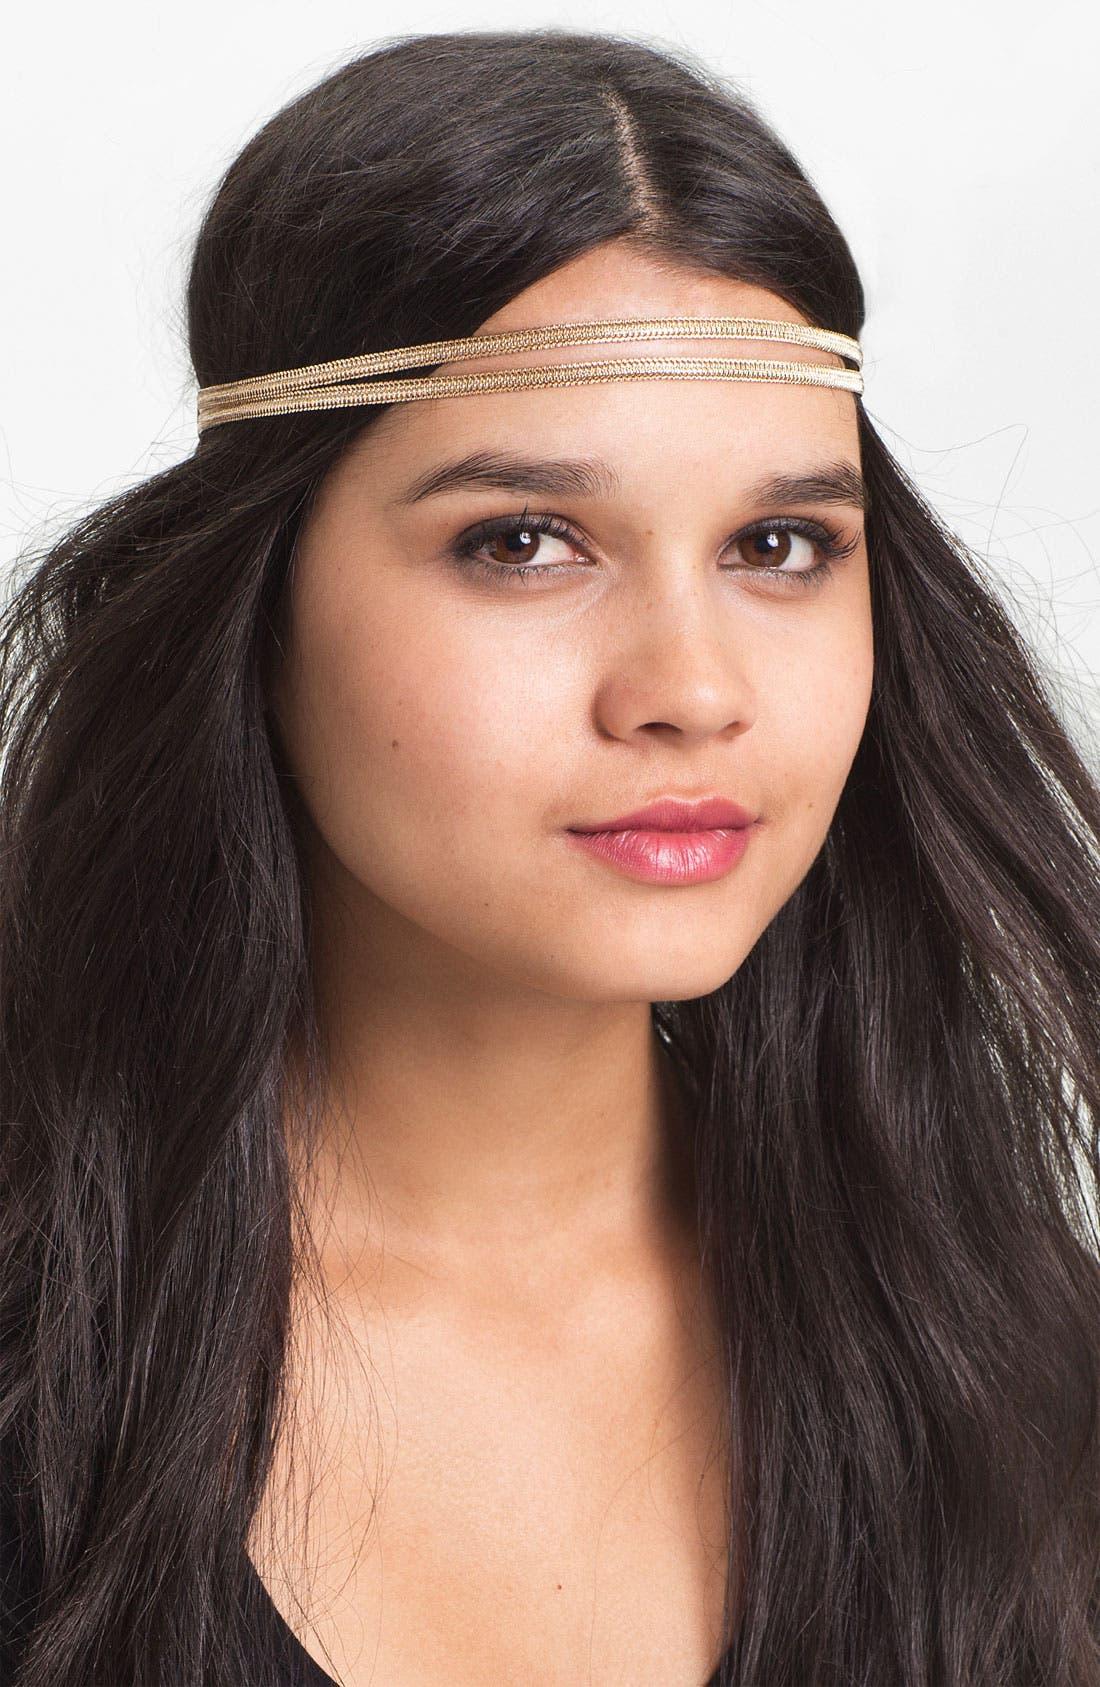 Main Image - Tasha 'Two Chains' Head Wrap